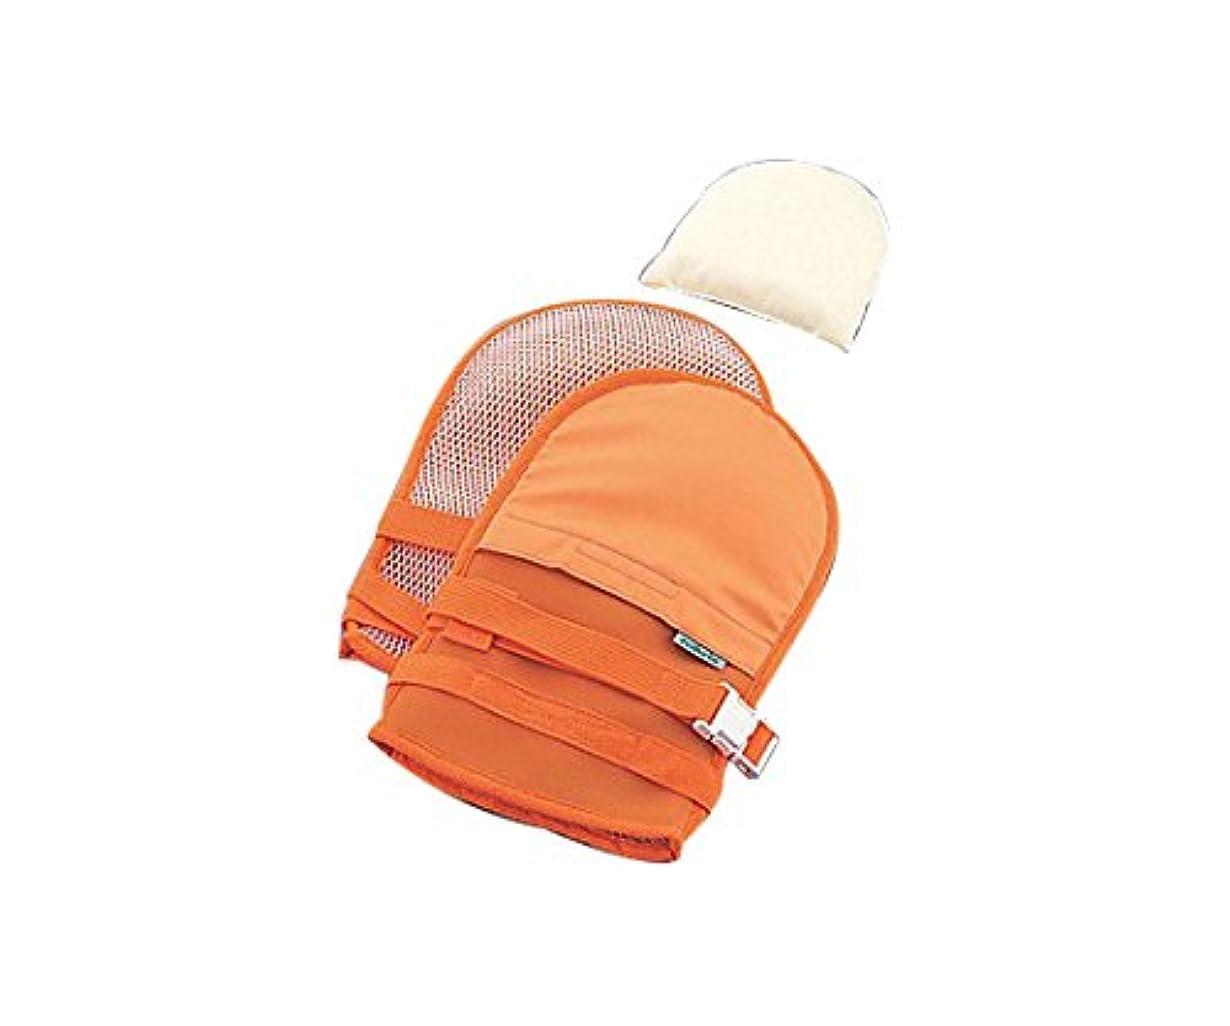 キノコ封筒データナビス(アズワン)0-1638-41抜管防止手袋大メッシュオレンジ